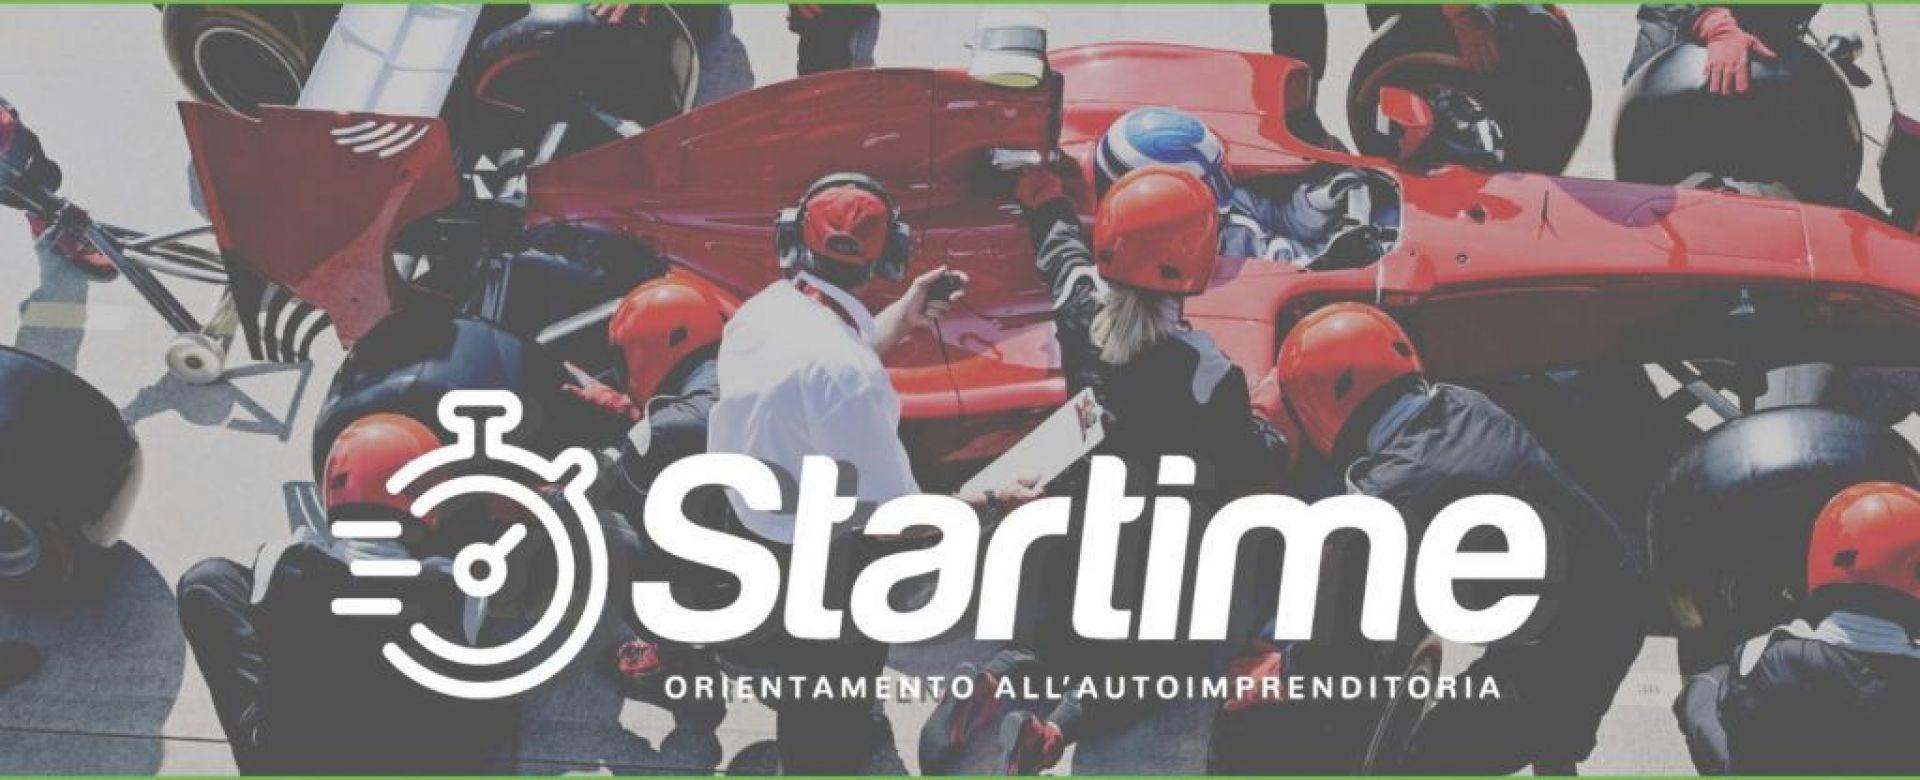 23.11.2020 - Startime | Scuola di Autoimprenditoria